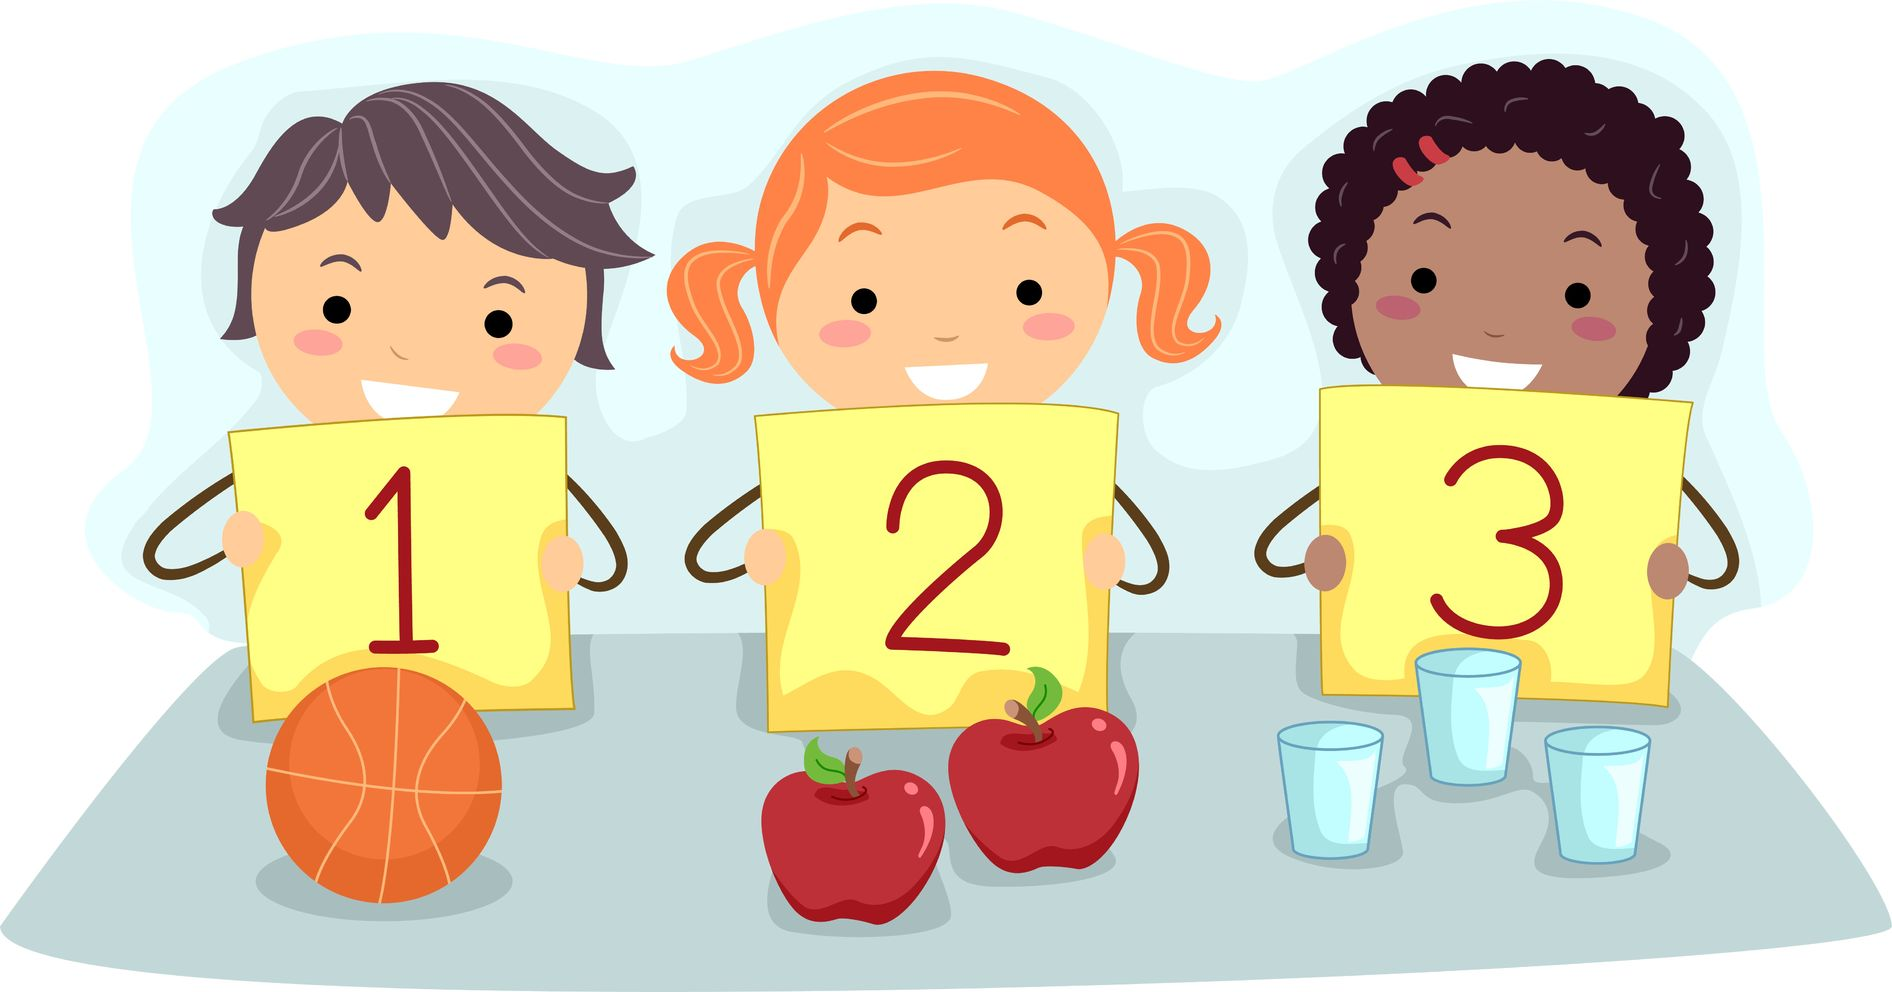 Giochi didattici da fare in casa - giochi di matematica da fare in casa